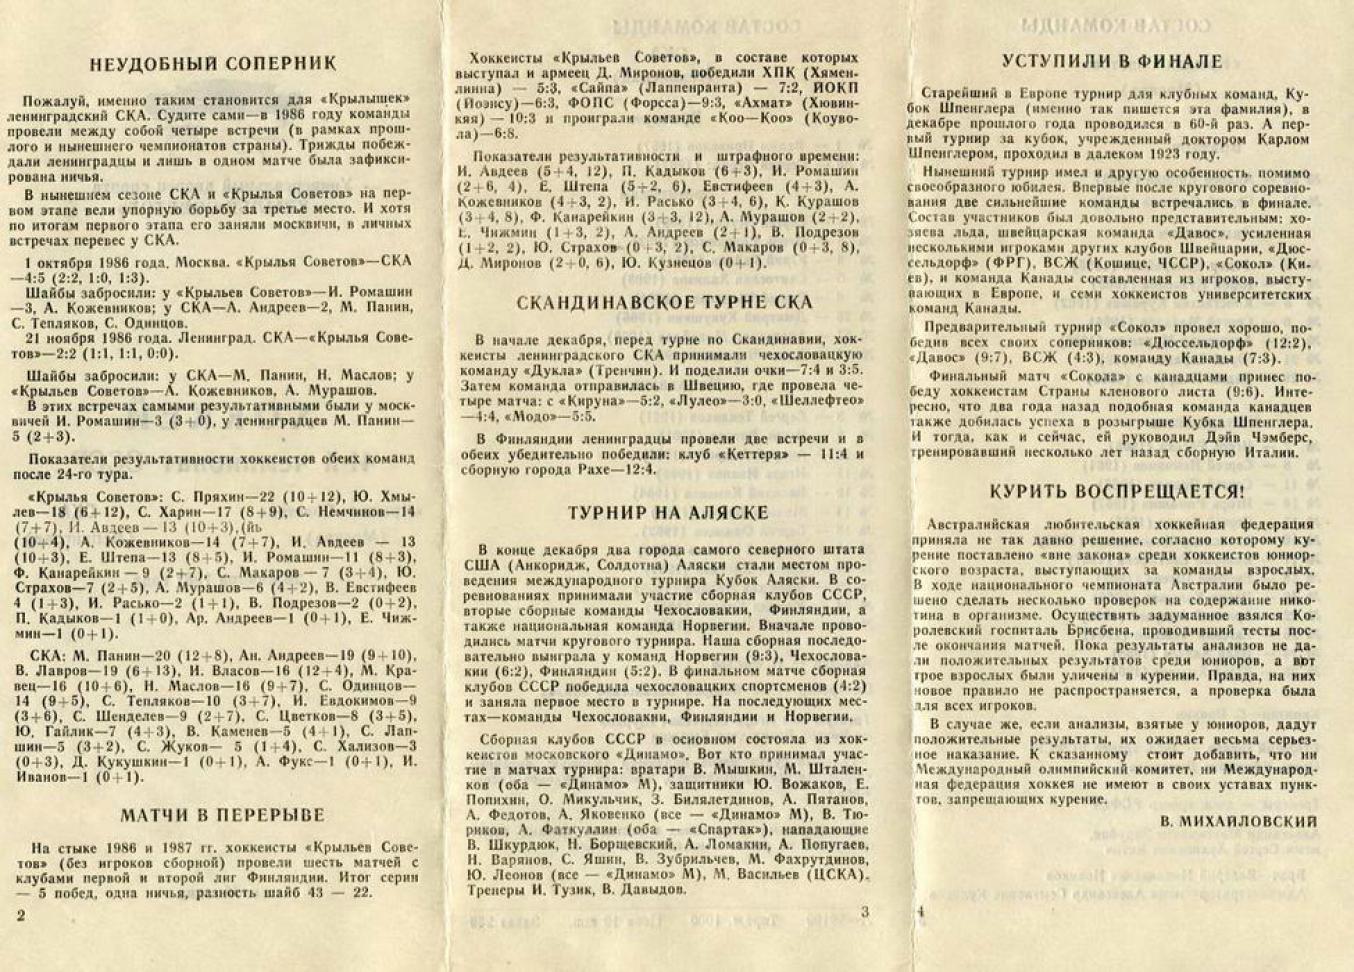 1987.01.26. Крылья Советов - СКА, Ленинград (Чм. СССР)_02.png